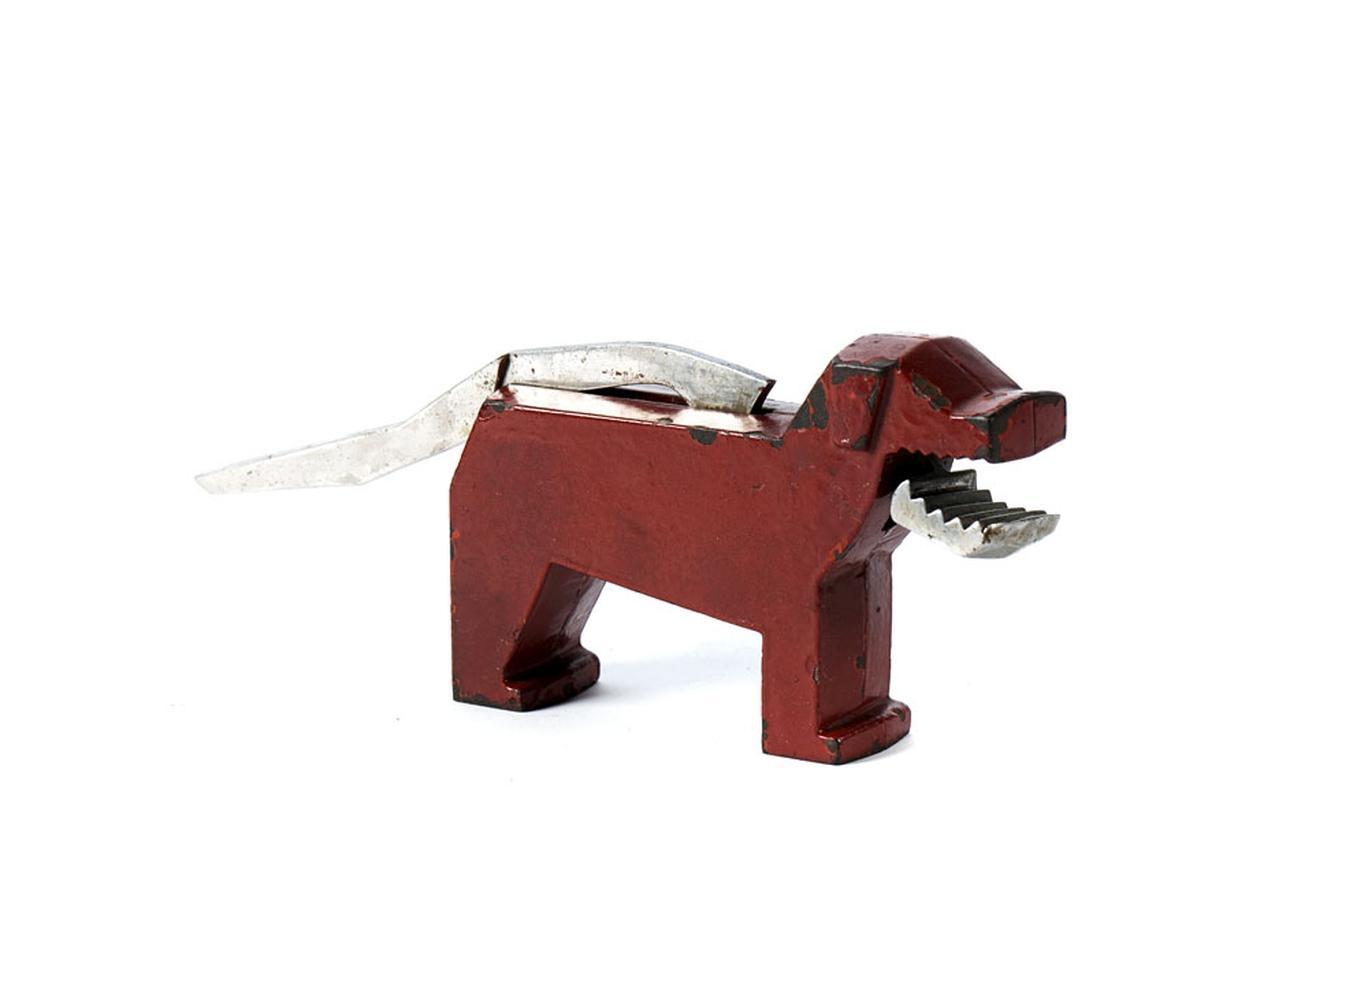 Quebra-nozes em forma de cão, em metal